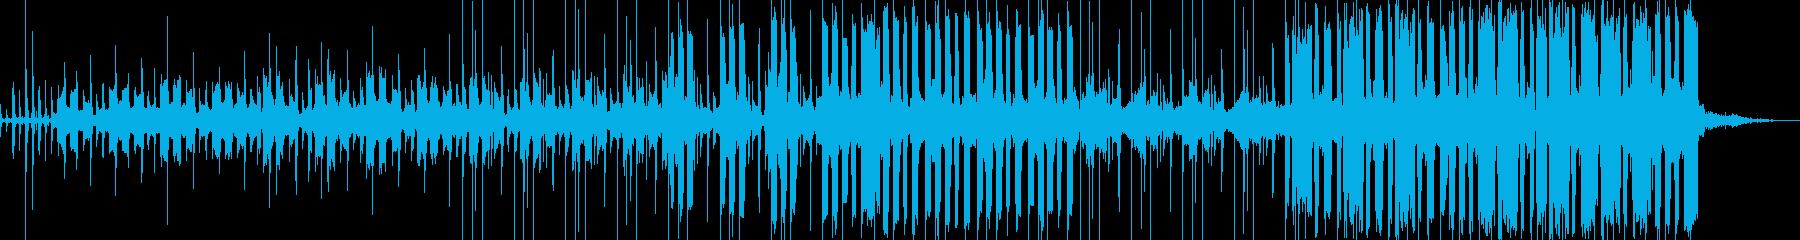 ゆったりとしたチル系の曲の再生済みの波形